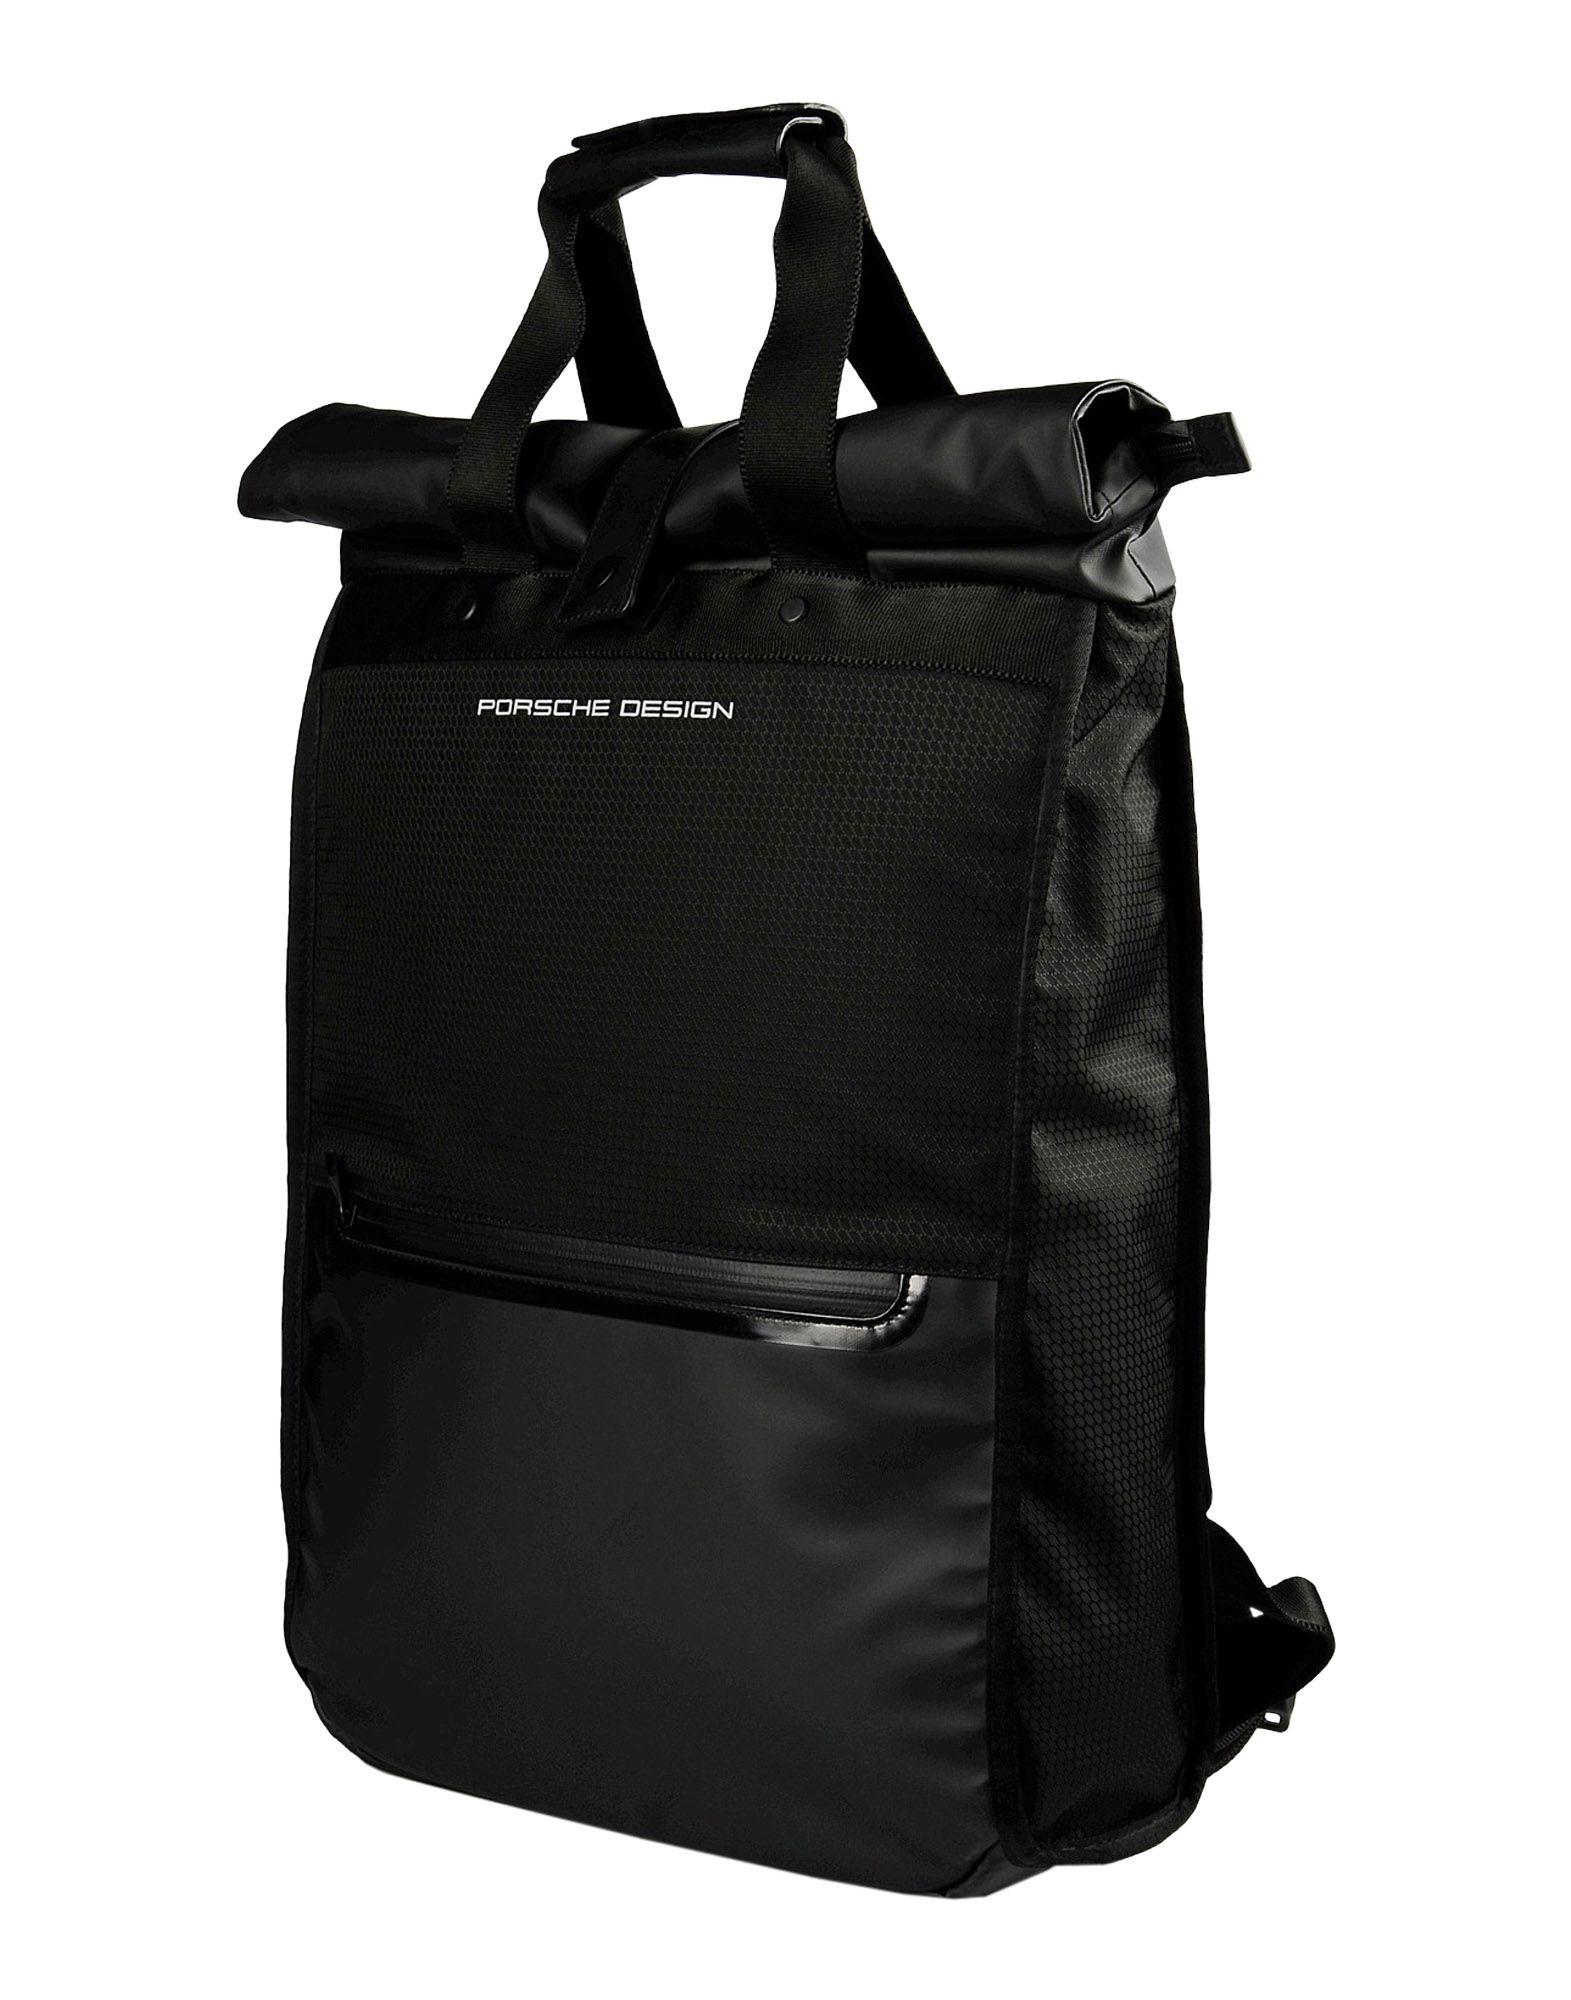 porsche design rucksacks bumbags in black for men lyst. Black Bedroom Furniture Sets. Home Design Ideas